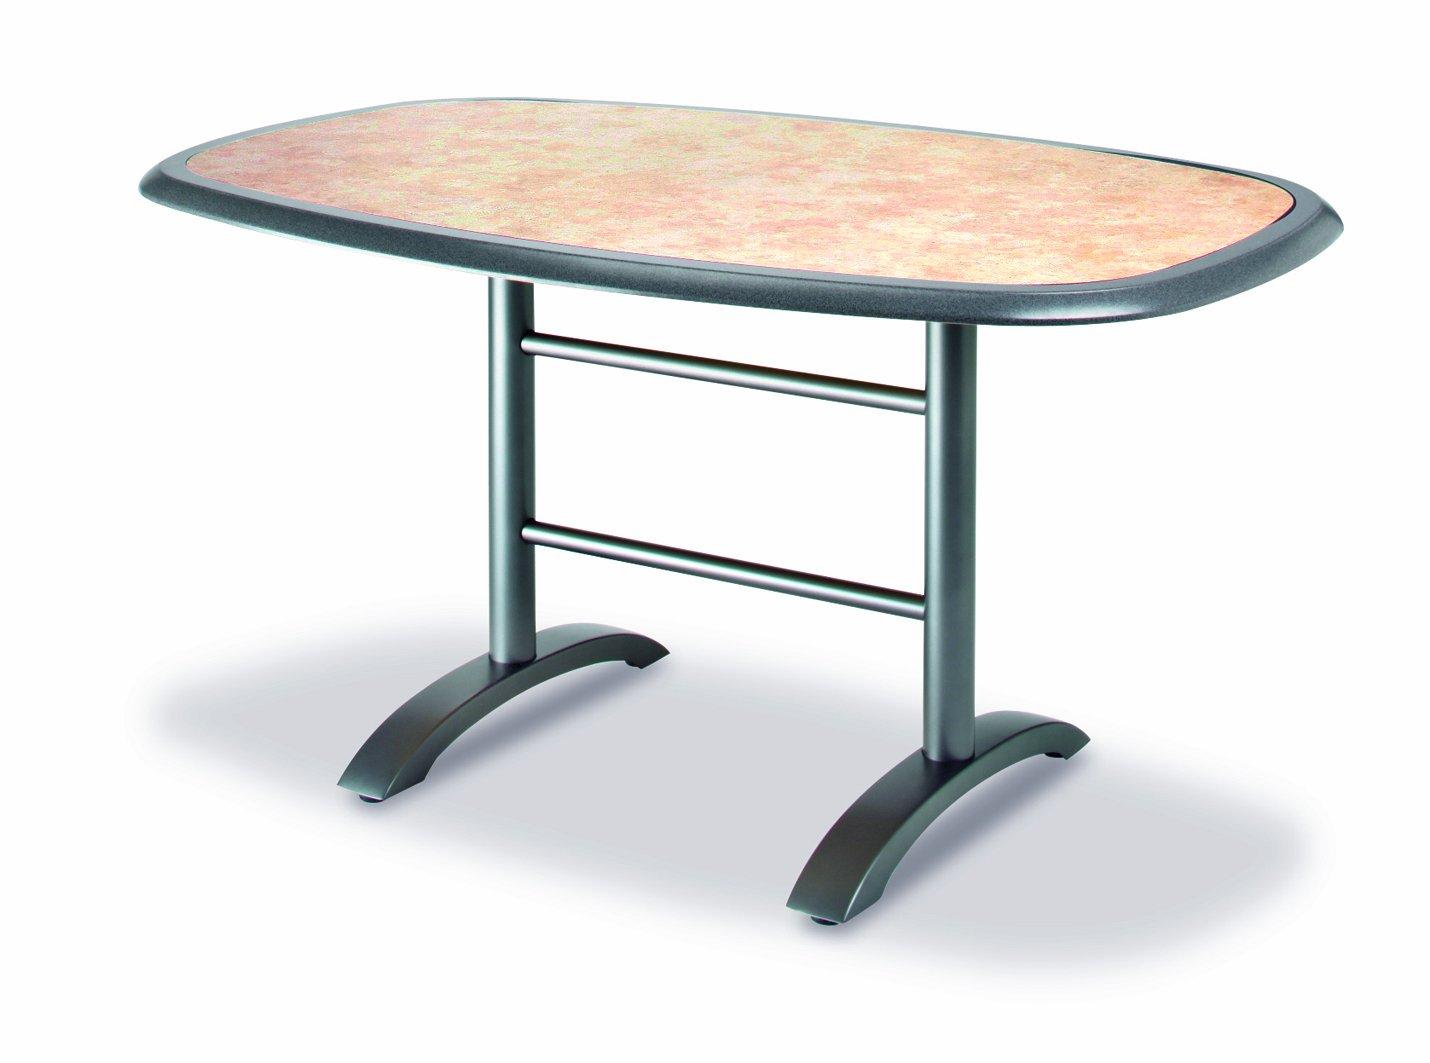 Best 43544555 Klapptisch Maestro oval, 146 x 94 cm, anthrazit / catalan